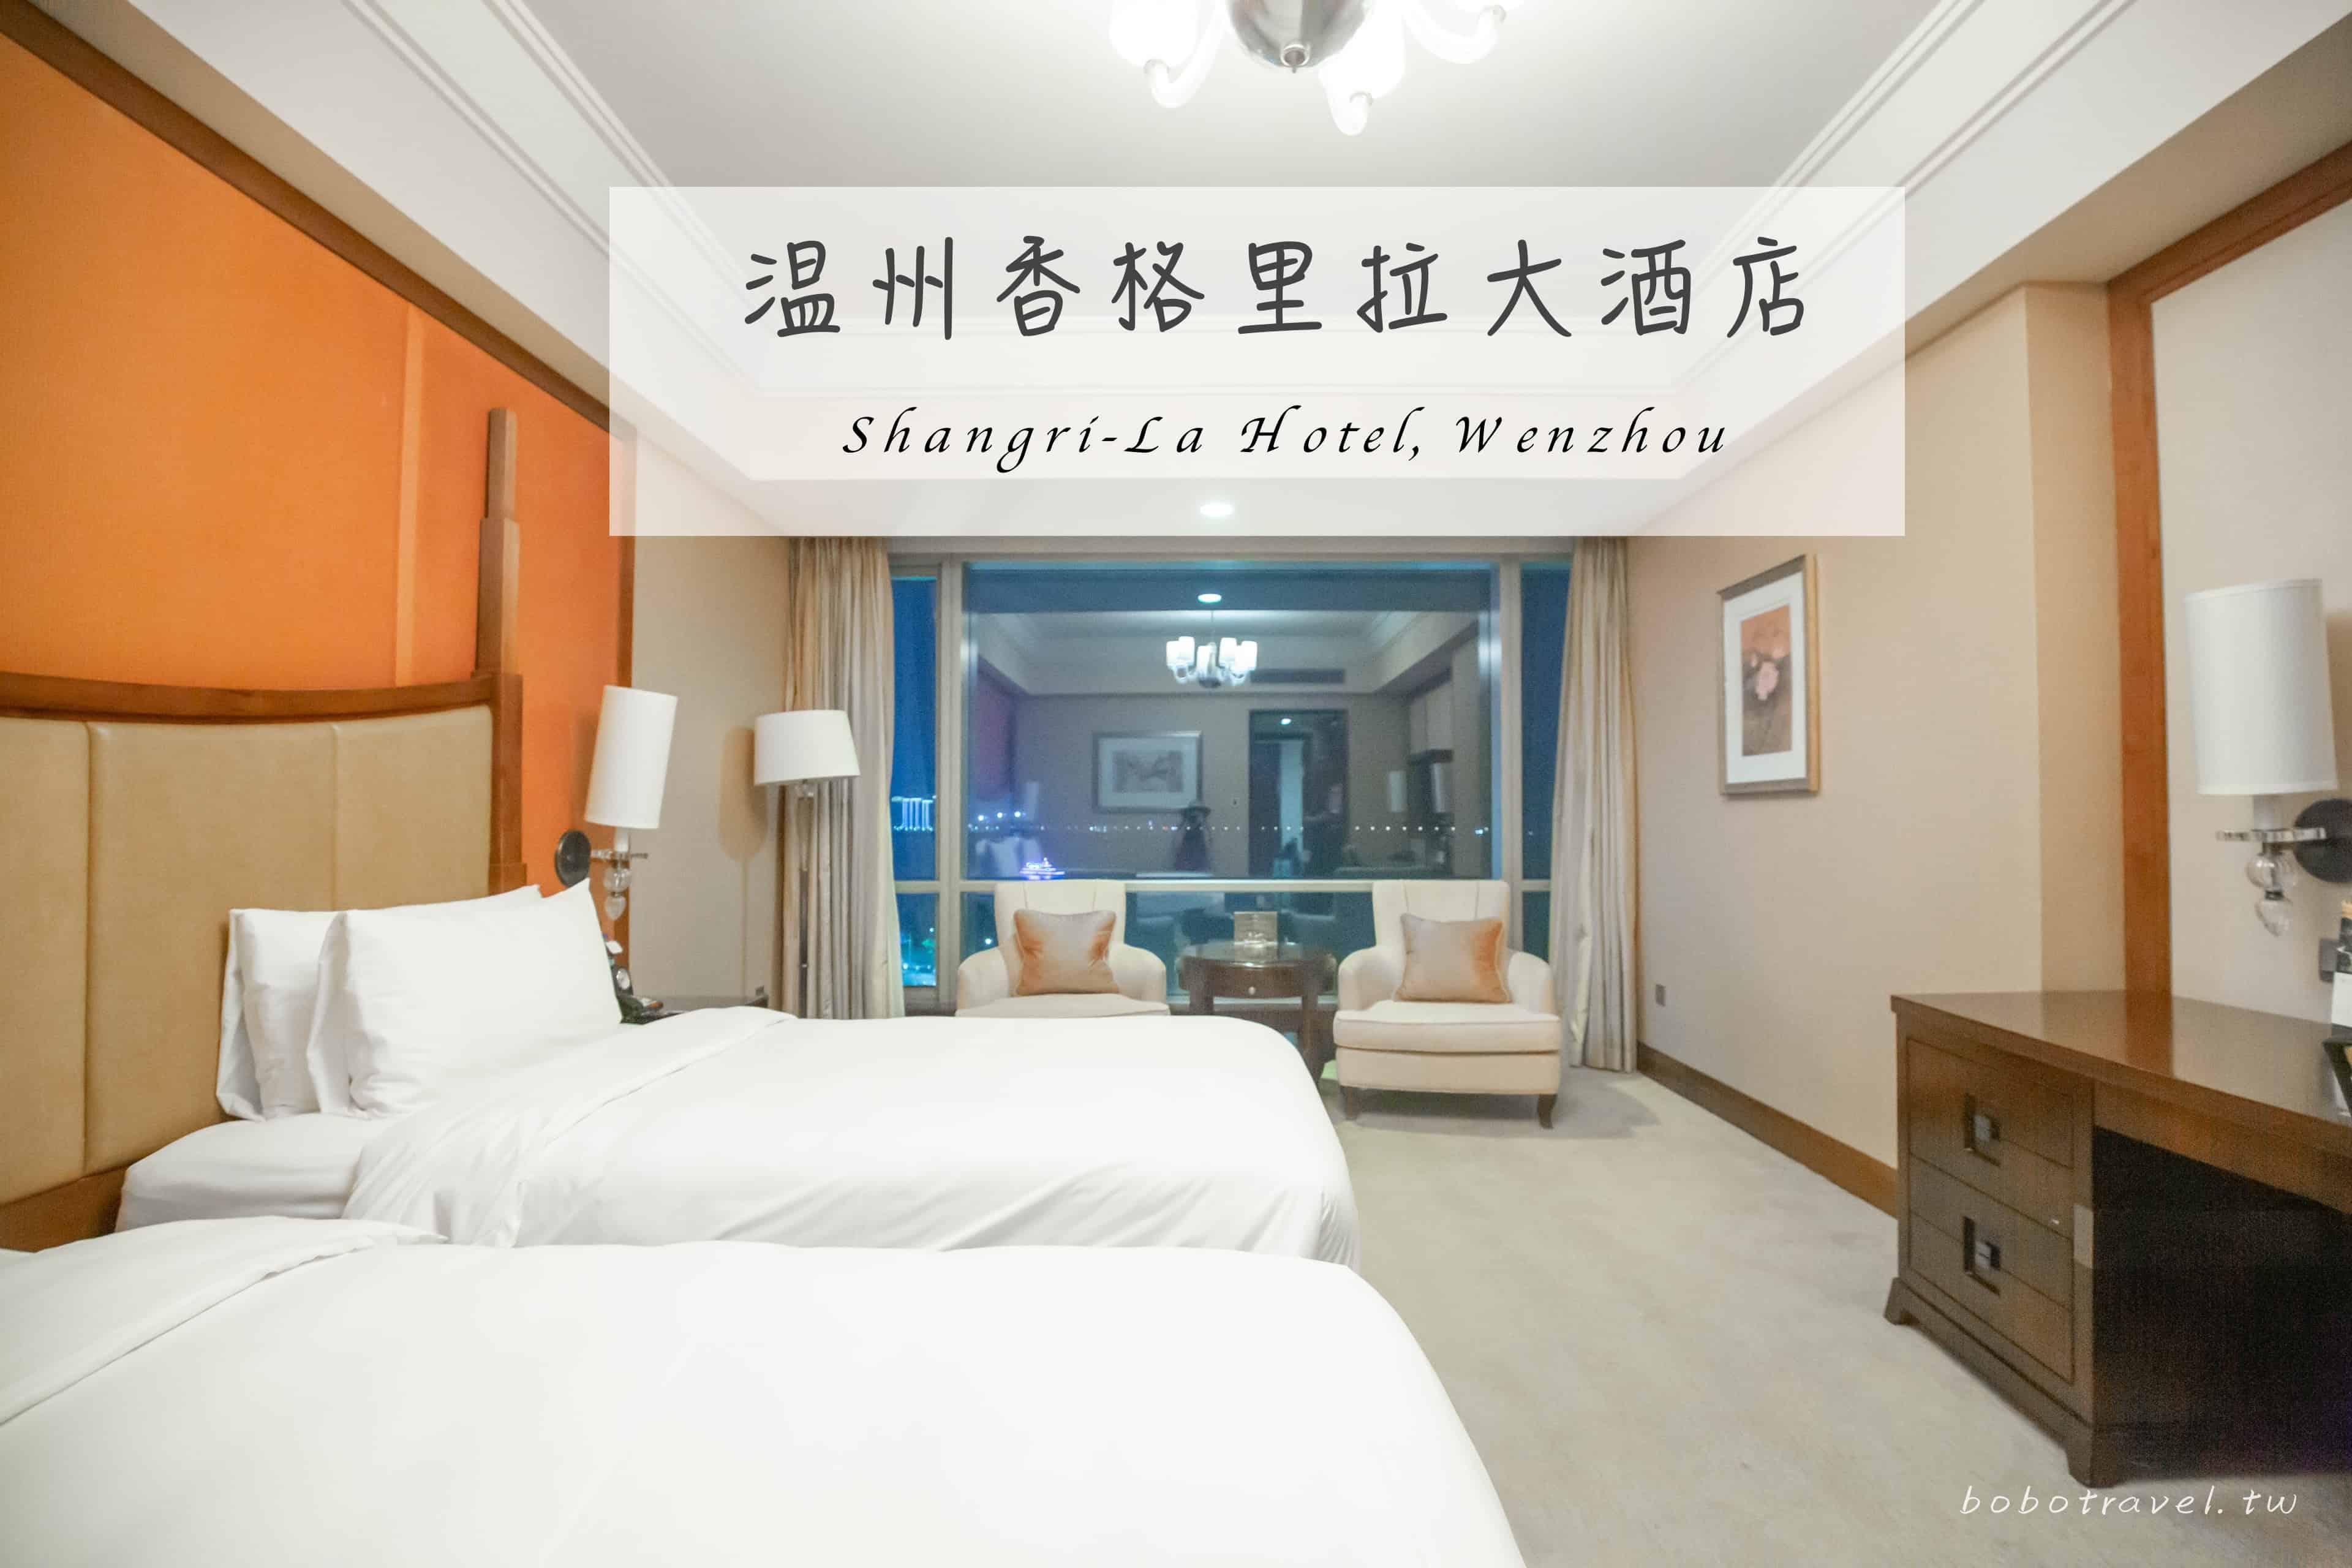 溫州住宿推薦、 溫州香格里拉大酒店|坐擁甌江日夜風光,高C/P值五星級飯店